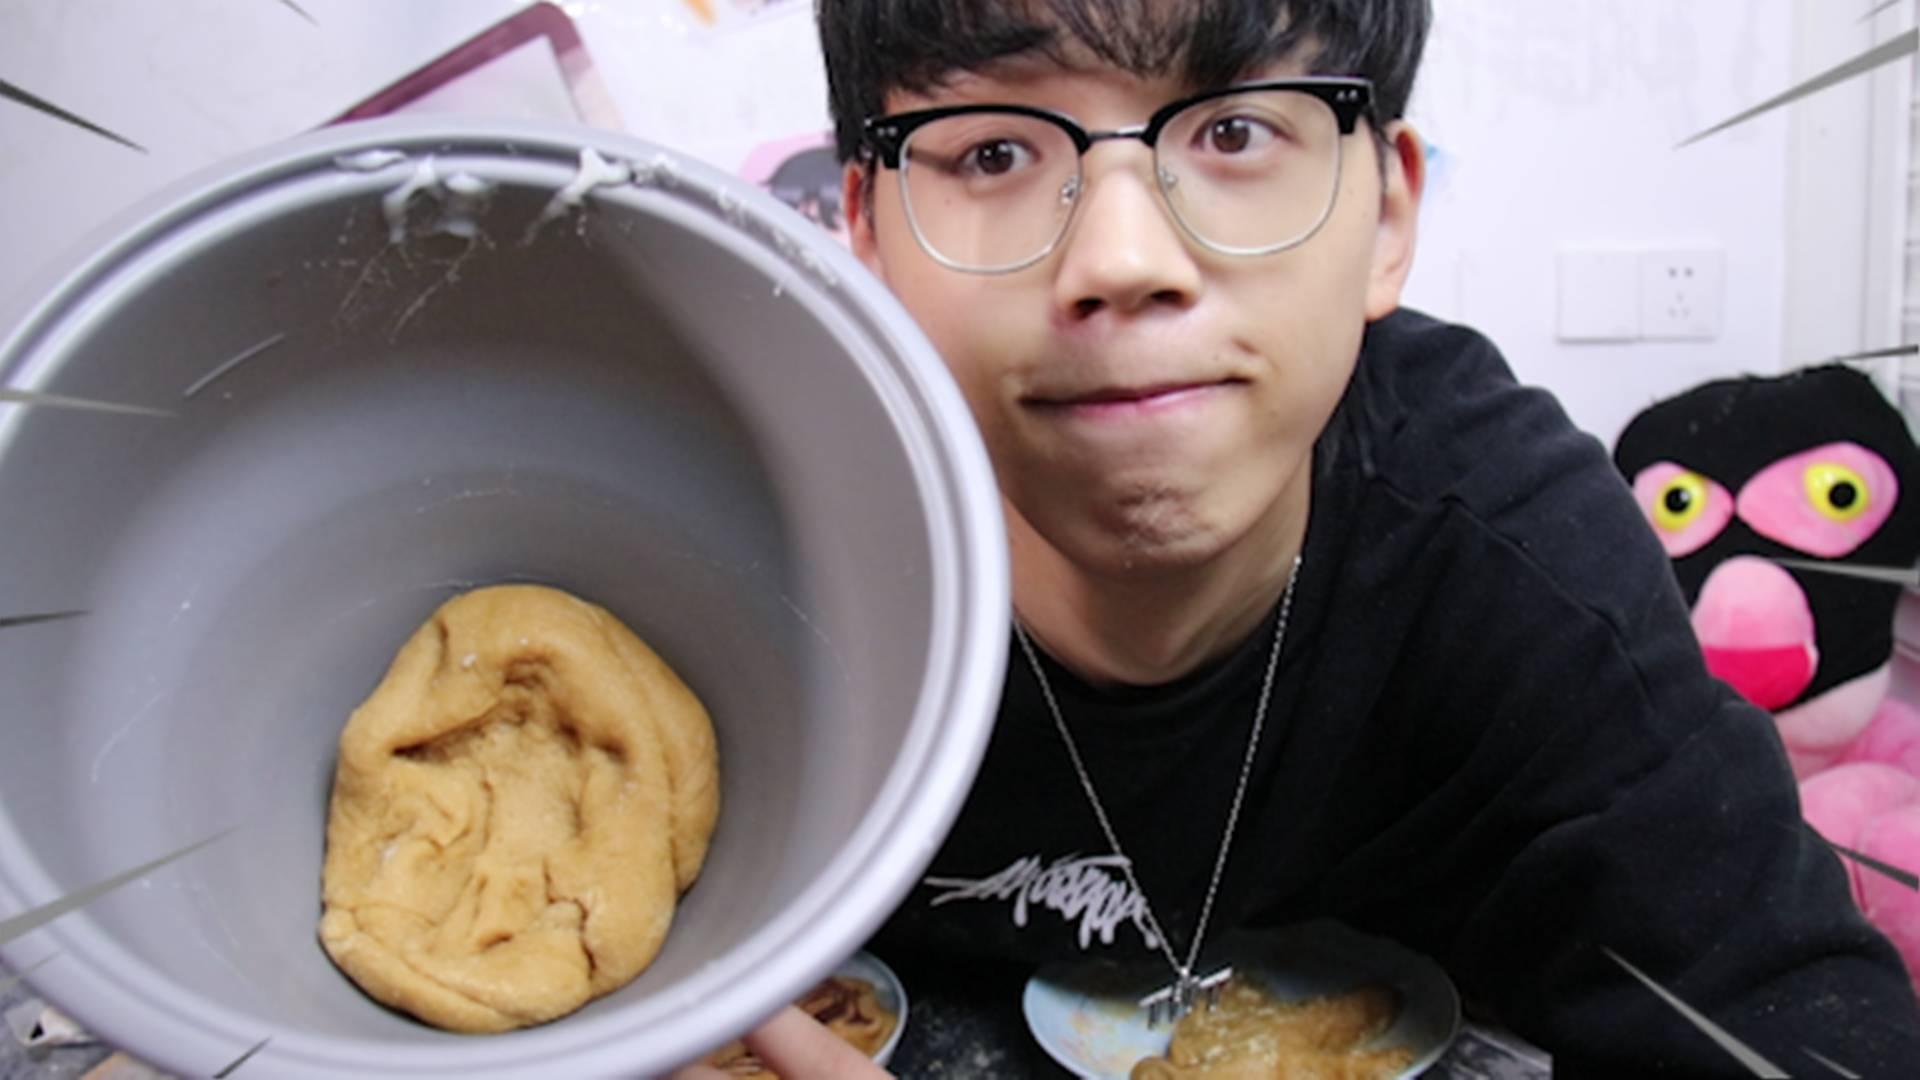 男子用日本年糕机去做北京小吃驴打滚,最后能成功吗